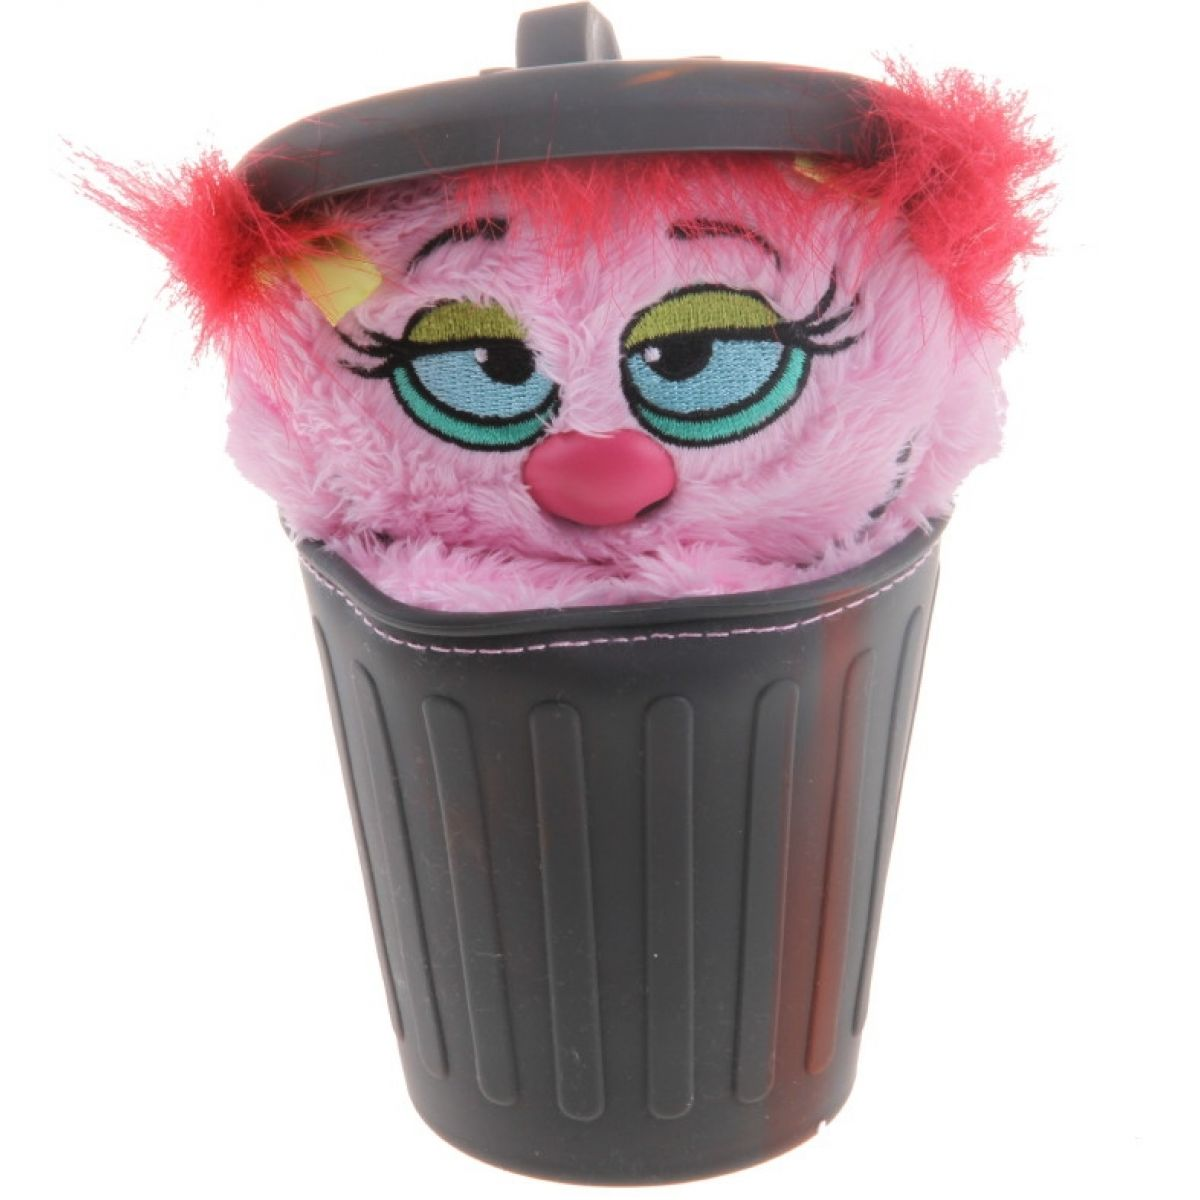 Alltoys Stinky Plyšák z popelnice 12 cm - Růžová